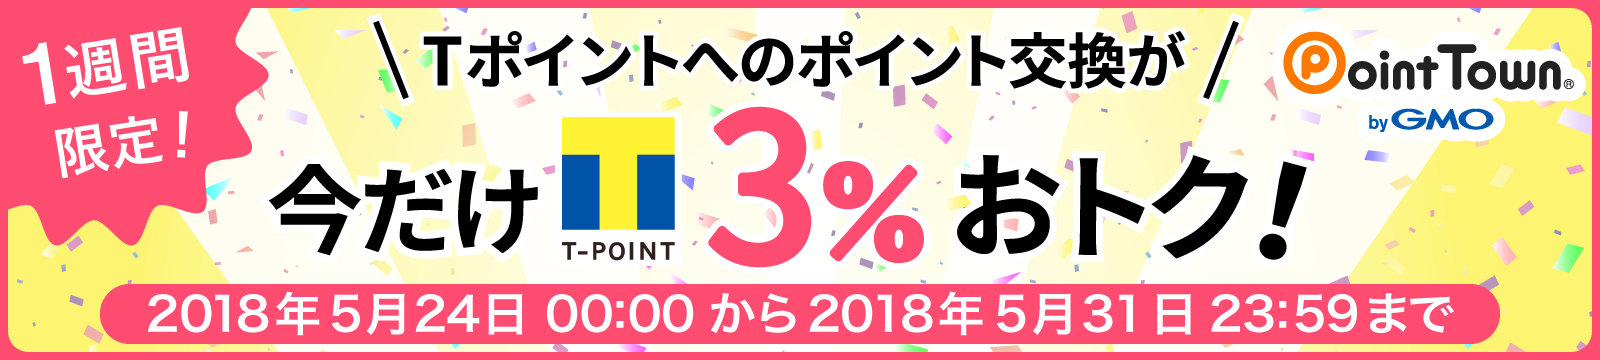 ポイントタウン Tポイント 3%オトク